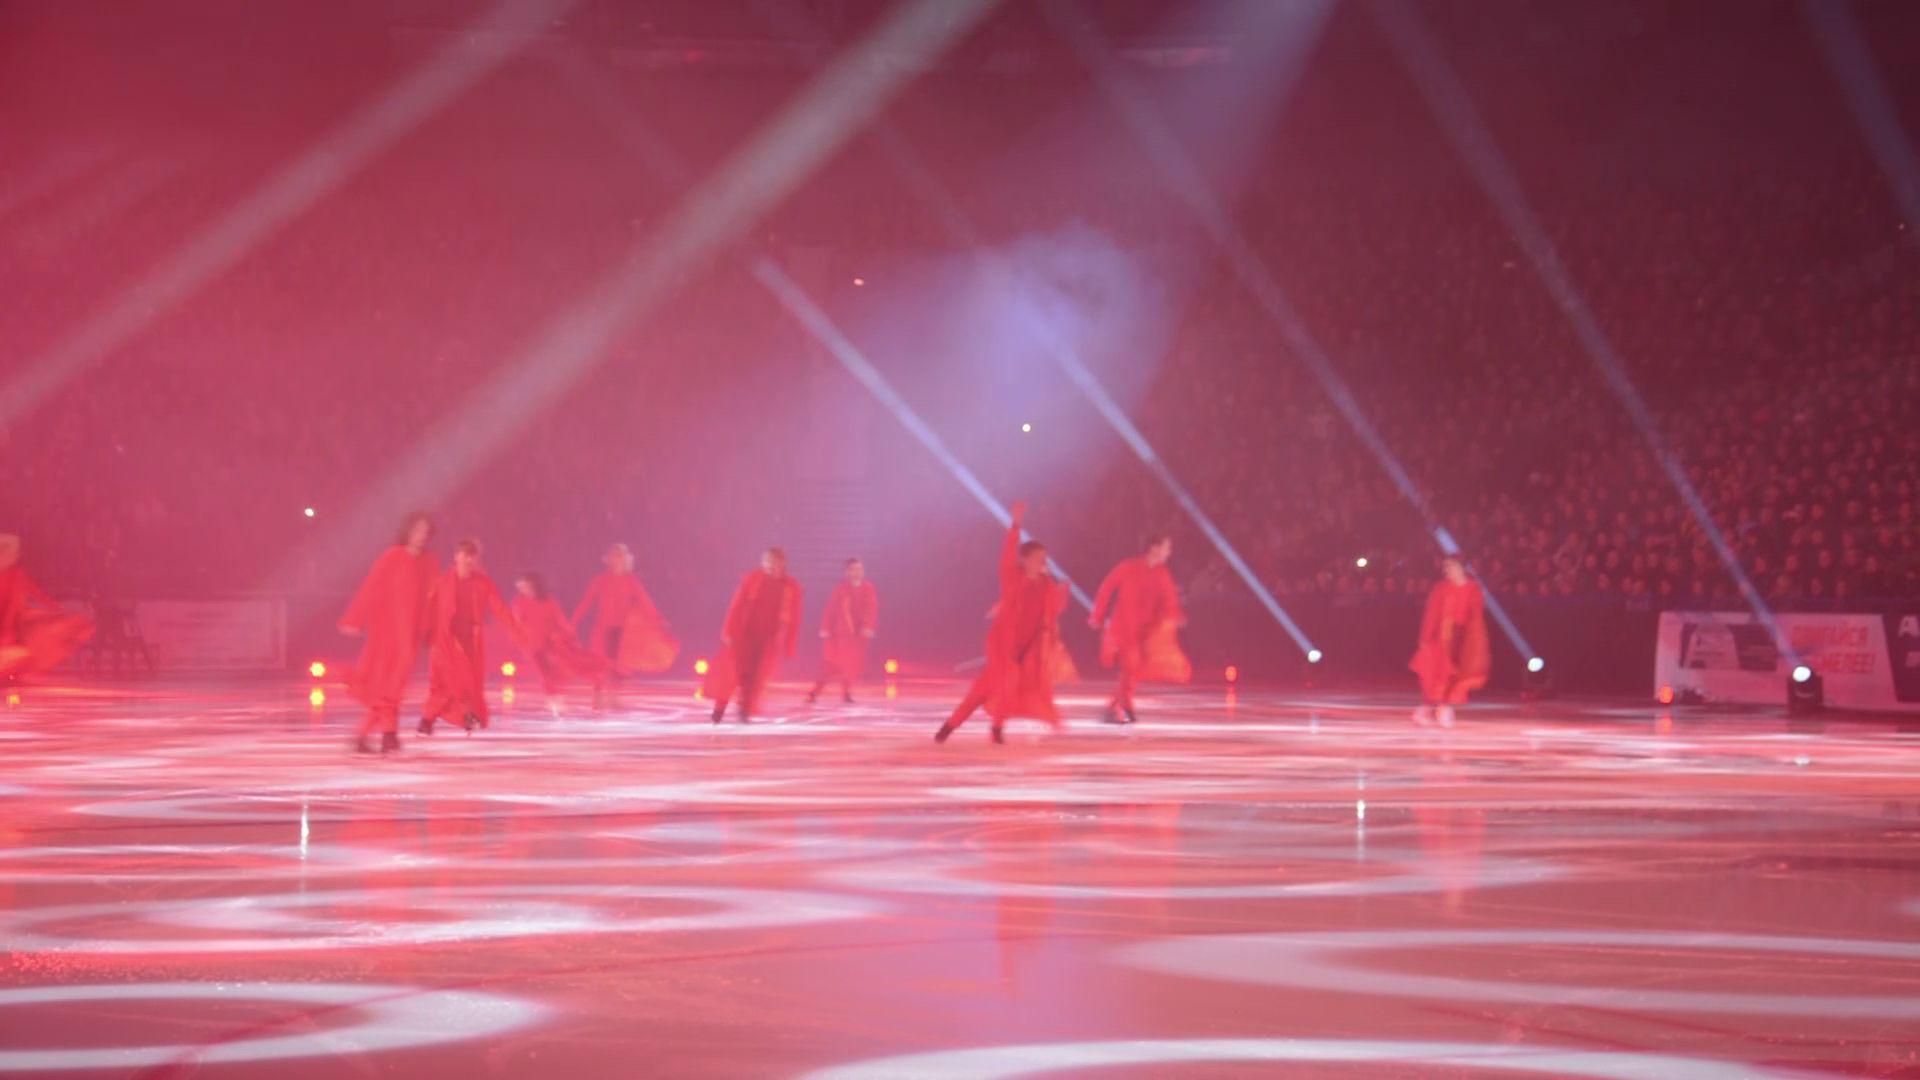 В Ярославле на льду выступили обладатели высших наград олимпиад, чемпионатов мира и Европы